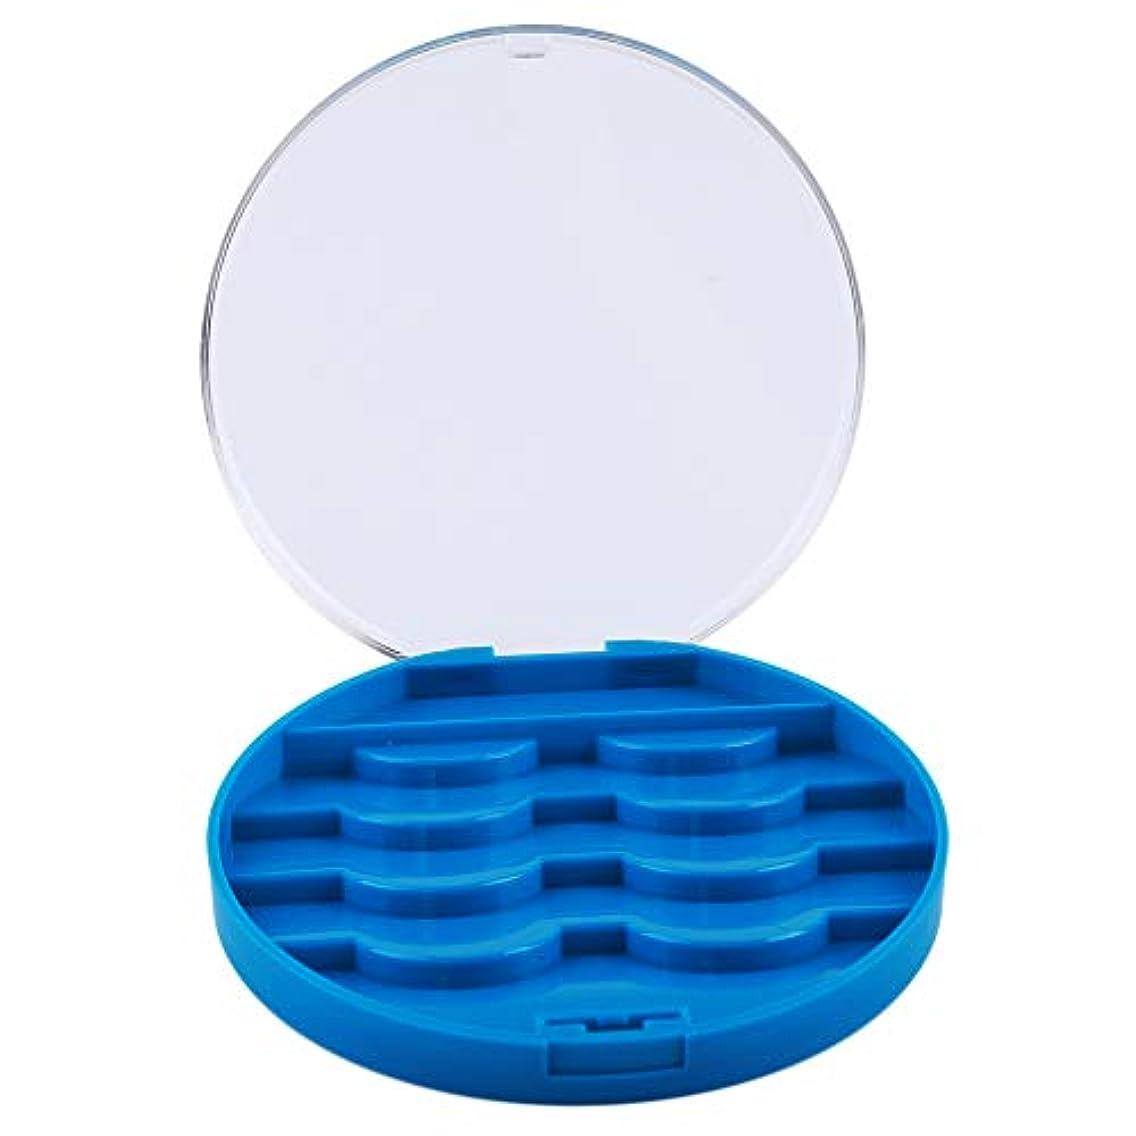 悪夢くちばし棚JIOLK まつげケース 付けまつげ まつげ 収納ボックス 小物収納ケース 便利 メイクアップ 可愛 コンテナ ラッシュ ホルダー